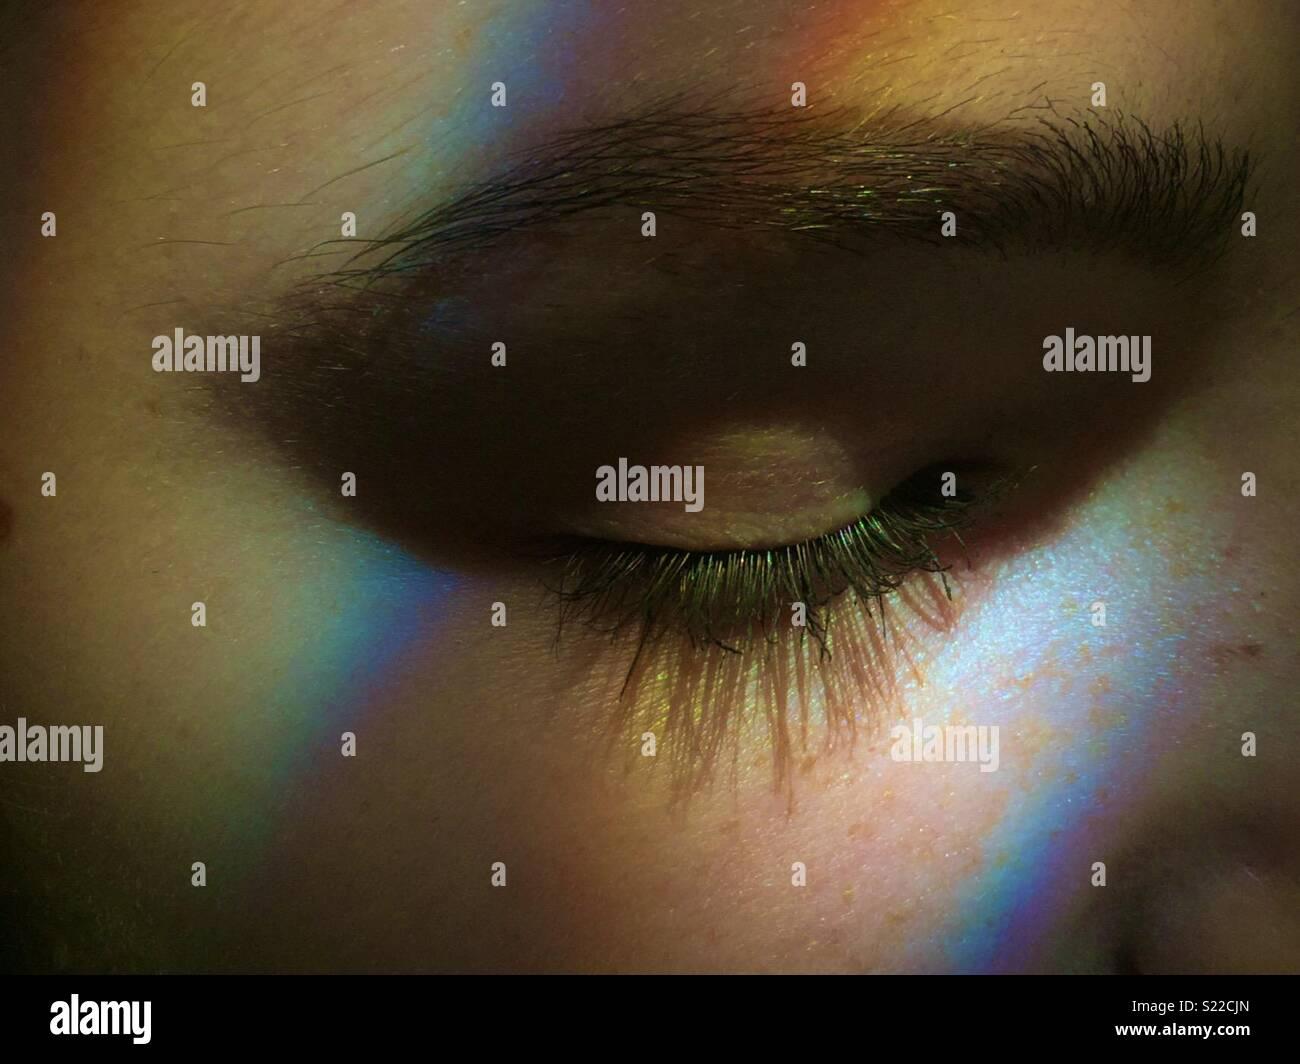 Girls eyelashes lit up with rainbow light - Stock Image